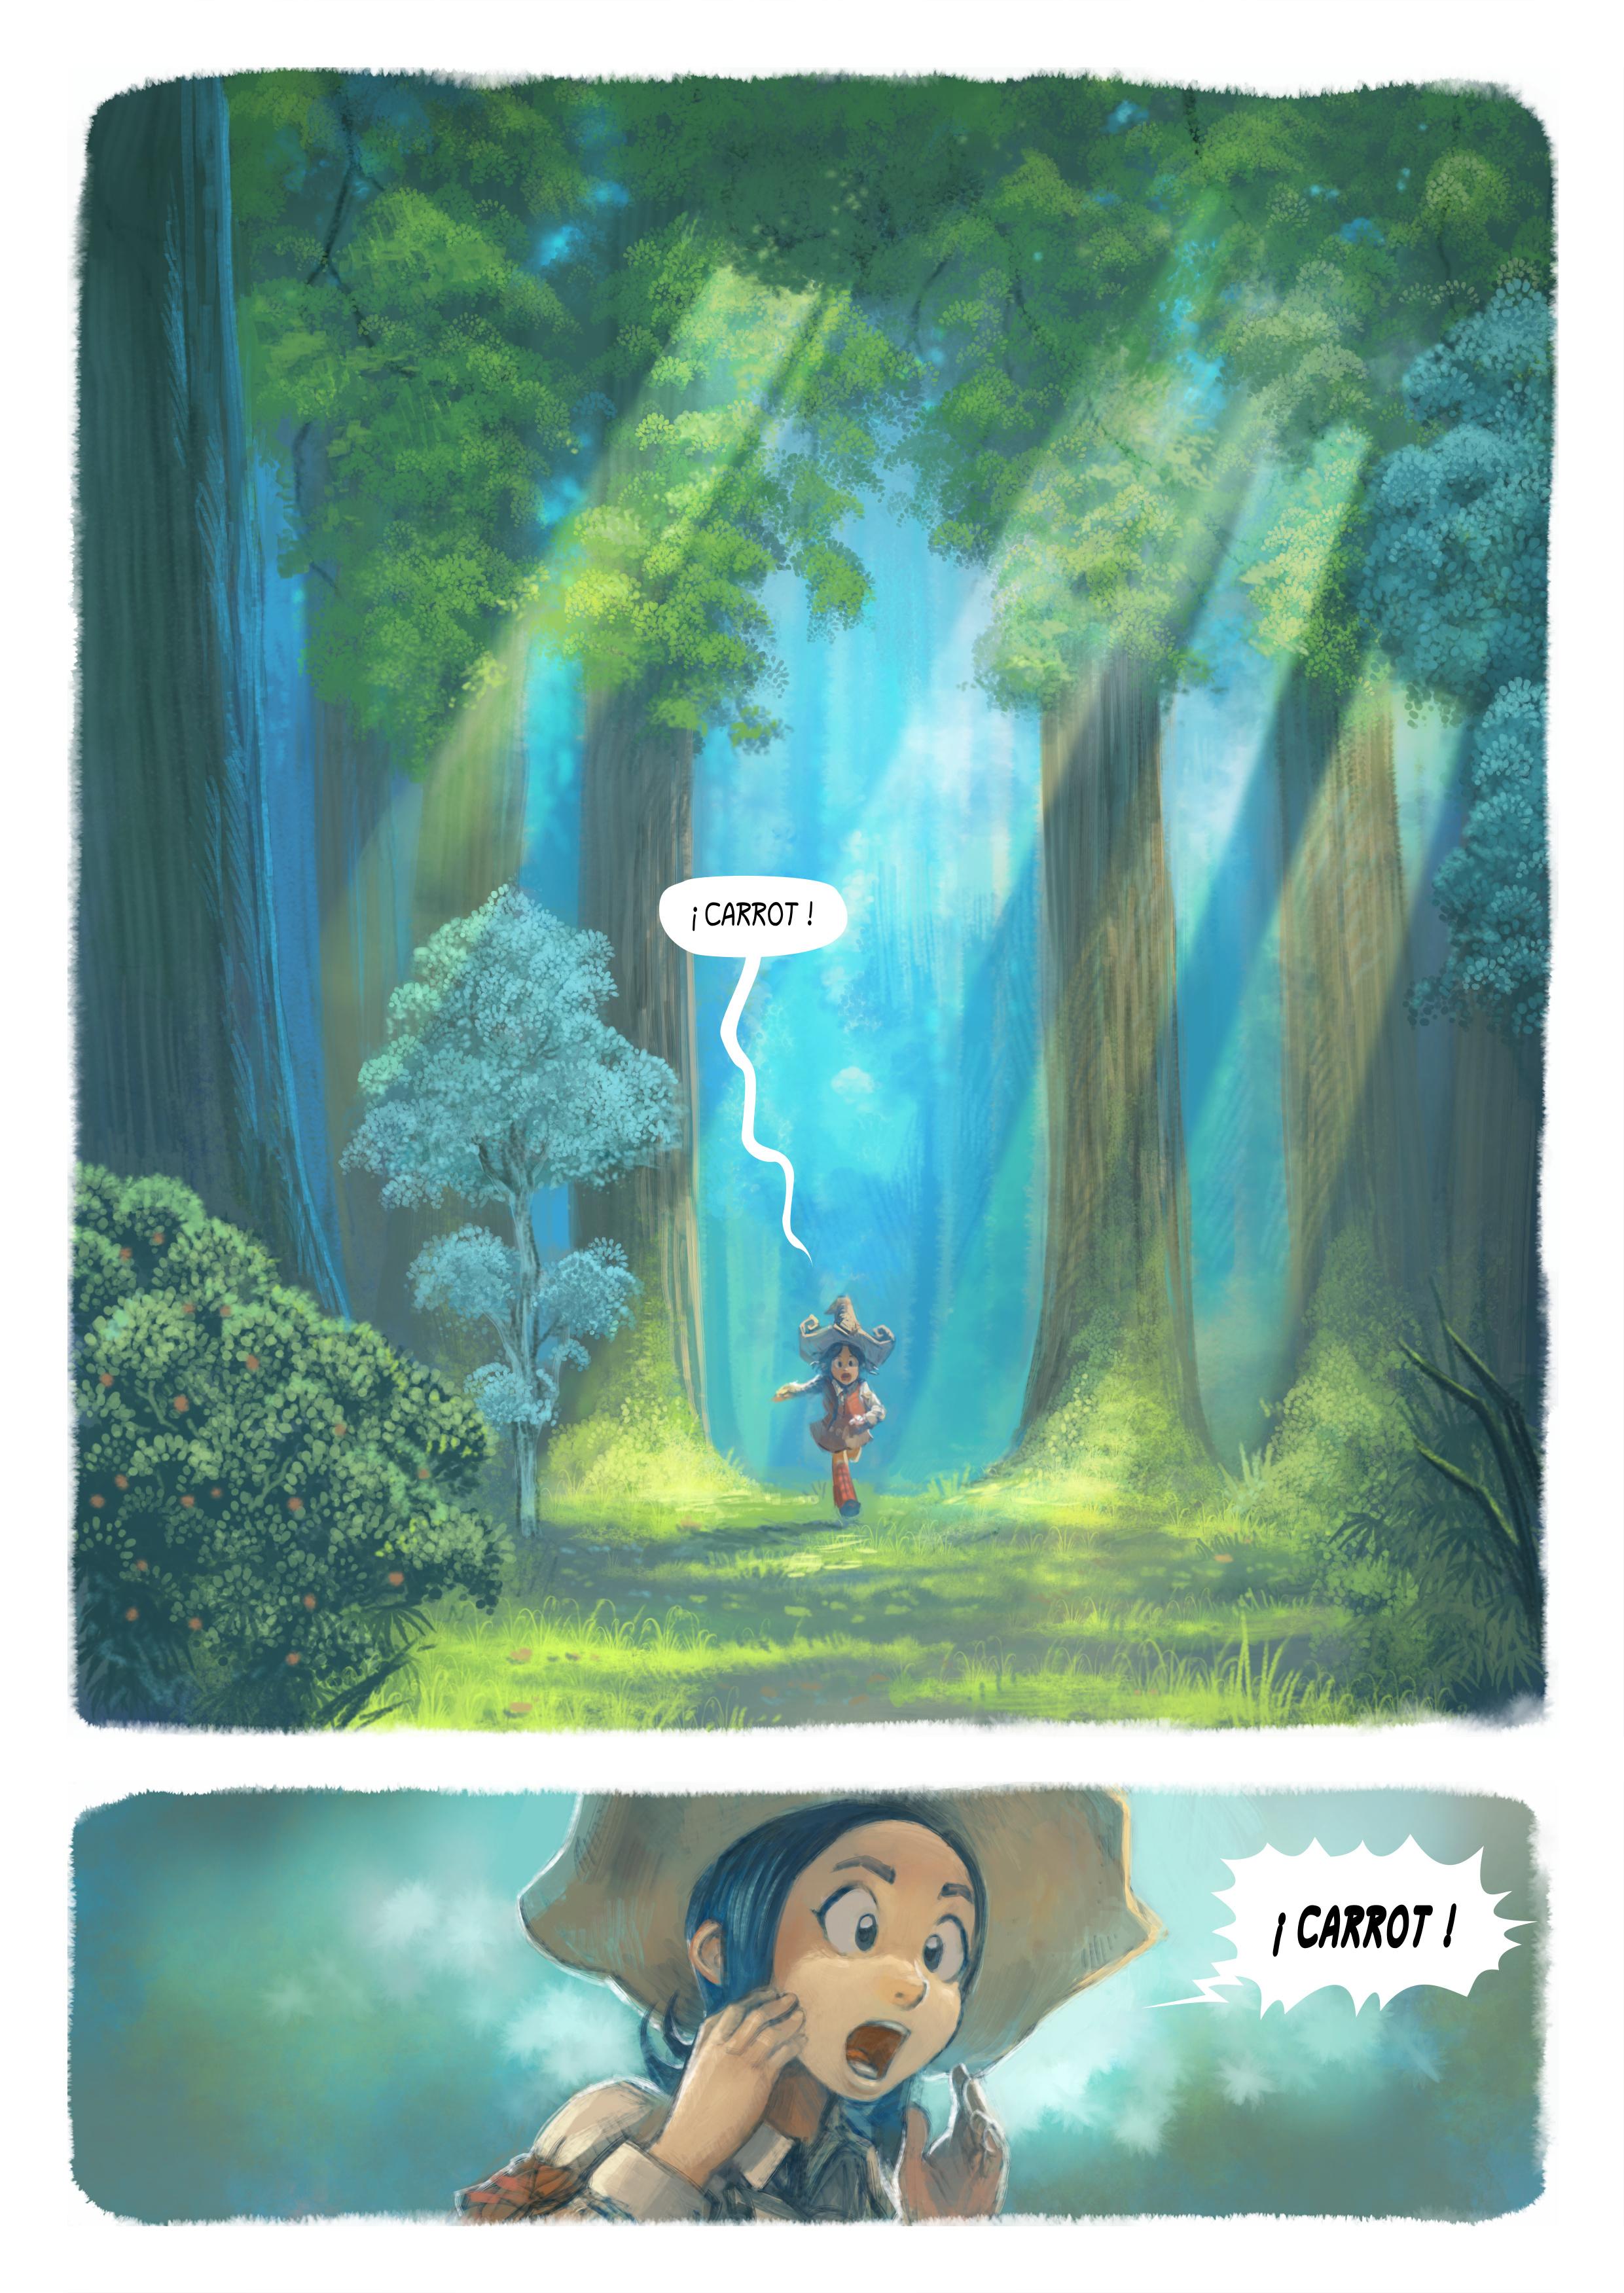 Episodio 7 : El Deseo, Page 1